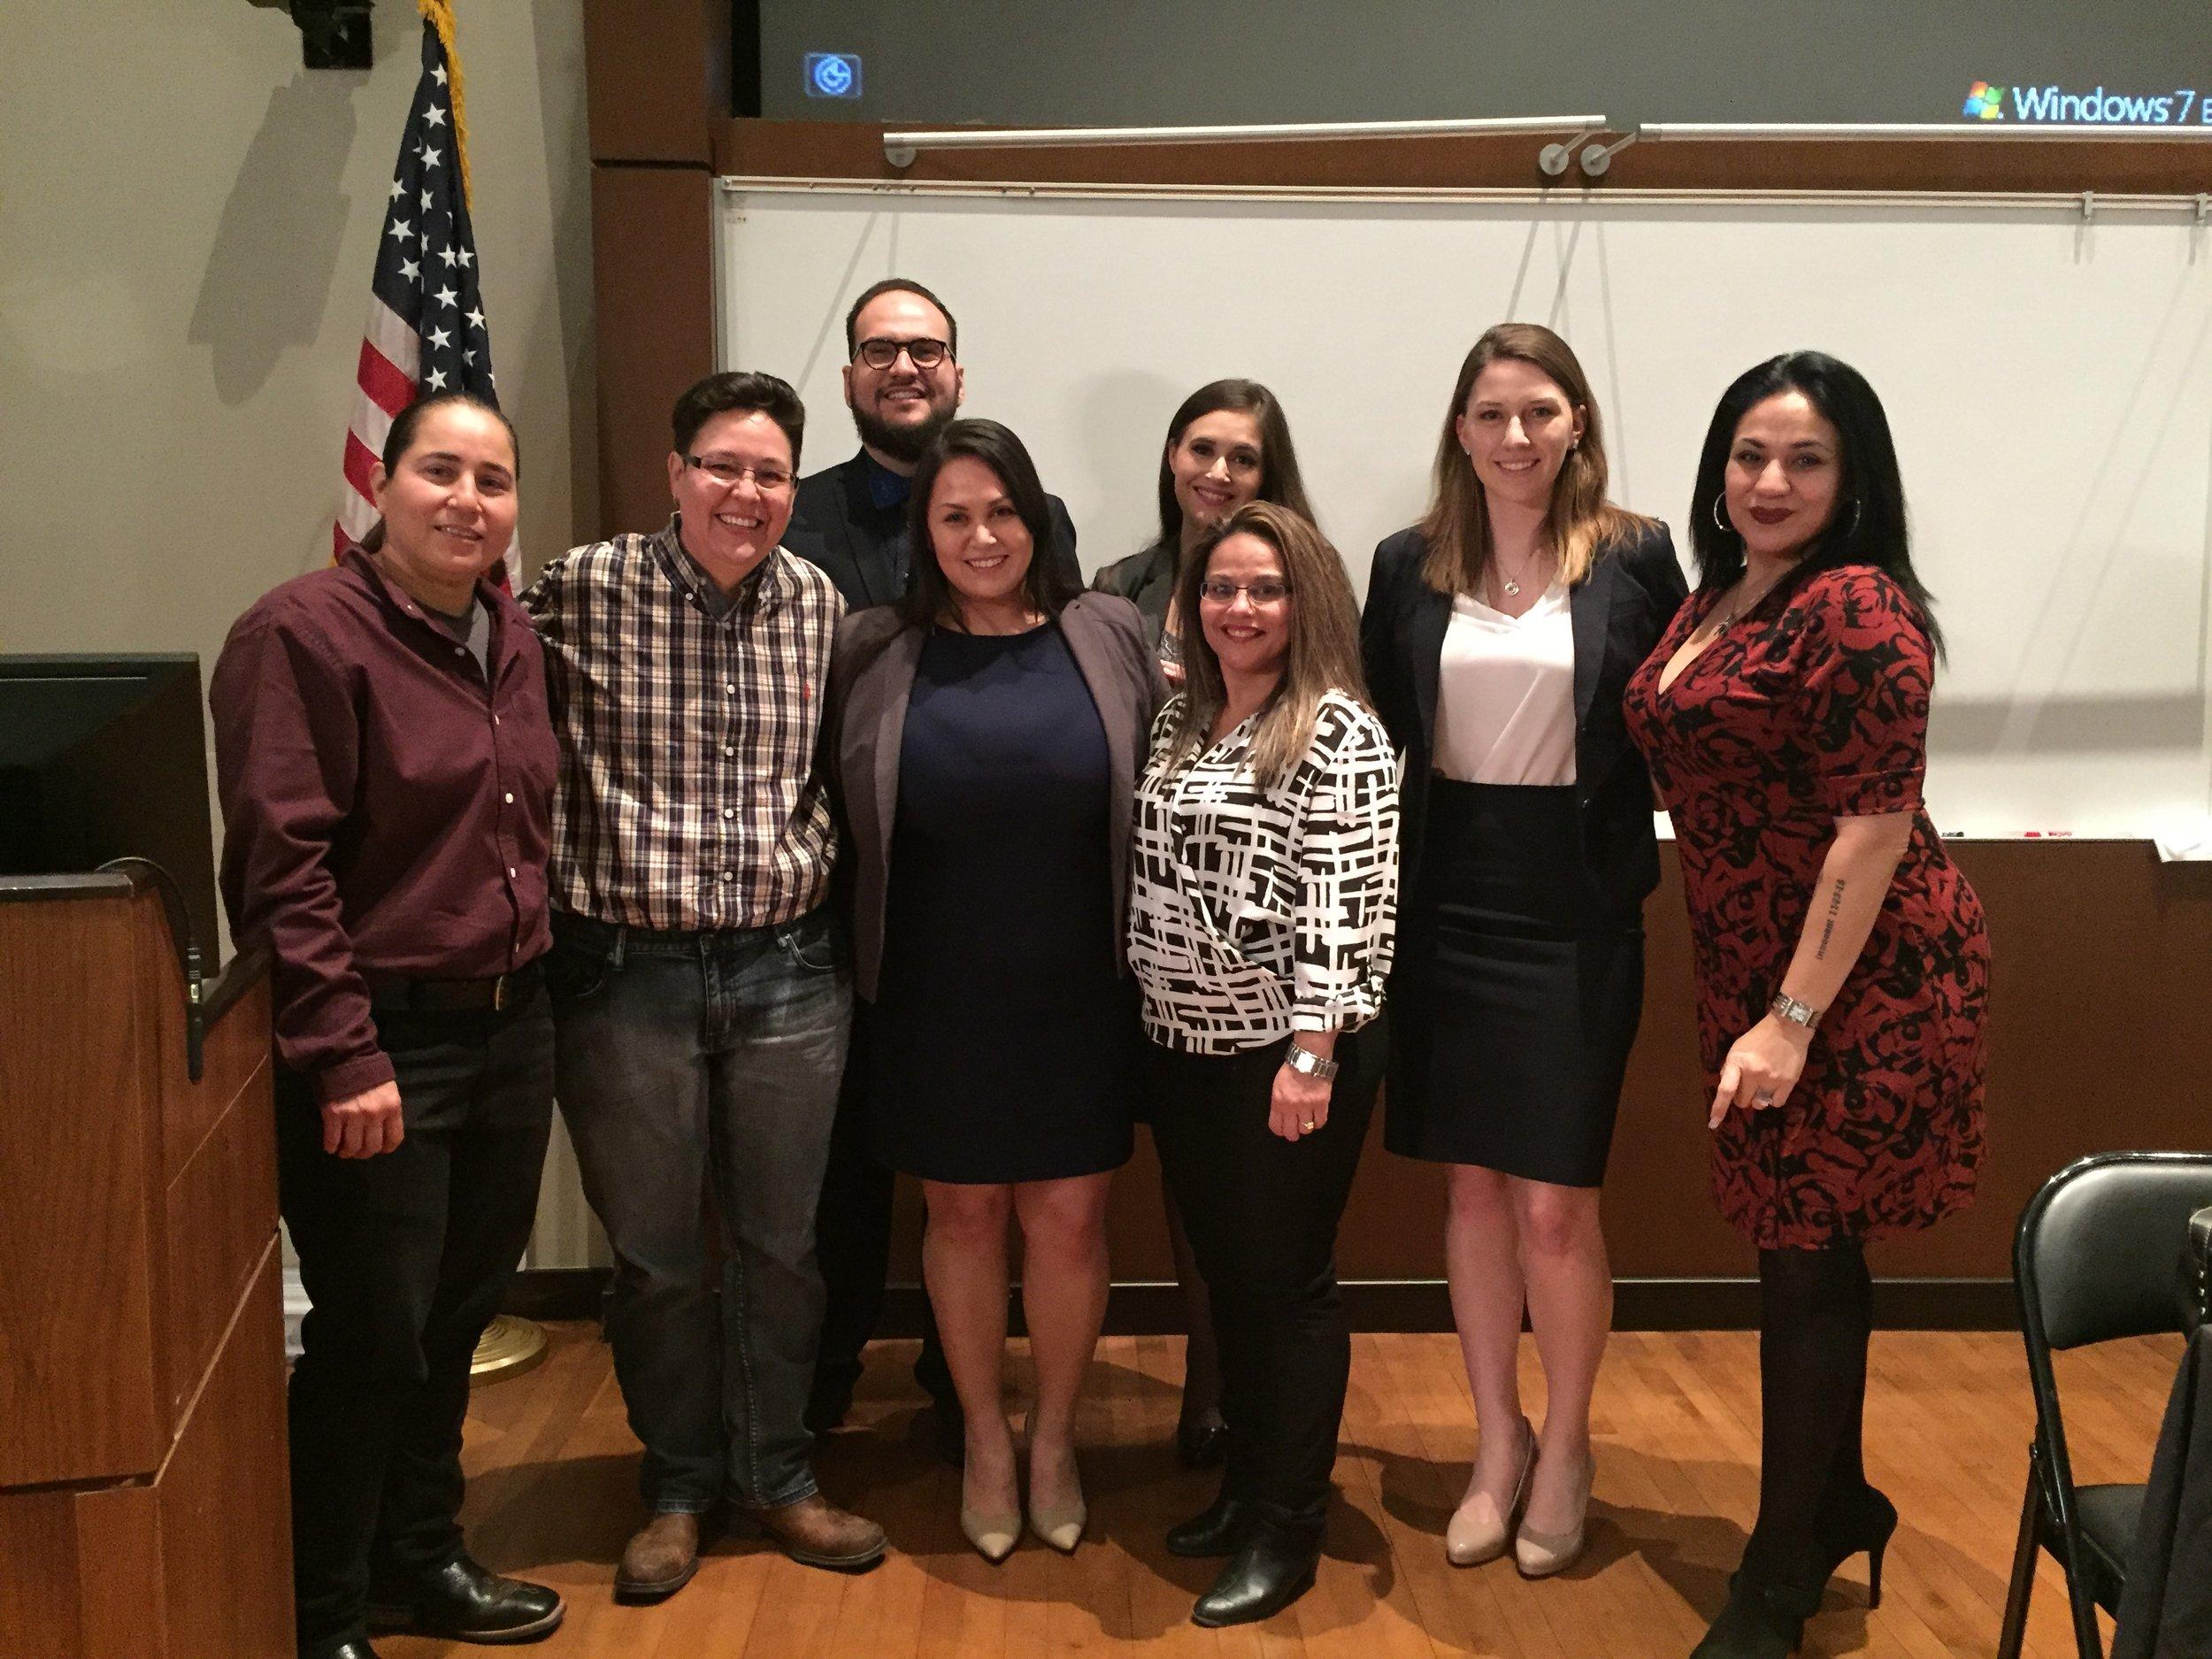 front is Anna Vasquez, Kristie Mayhugh, Mercedes Torres, Elizabeth Ramirez, Ashleigh Hammer, Cassandra Rivera; back is Rudy Moisiuc, Allison Clayton.JPG